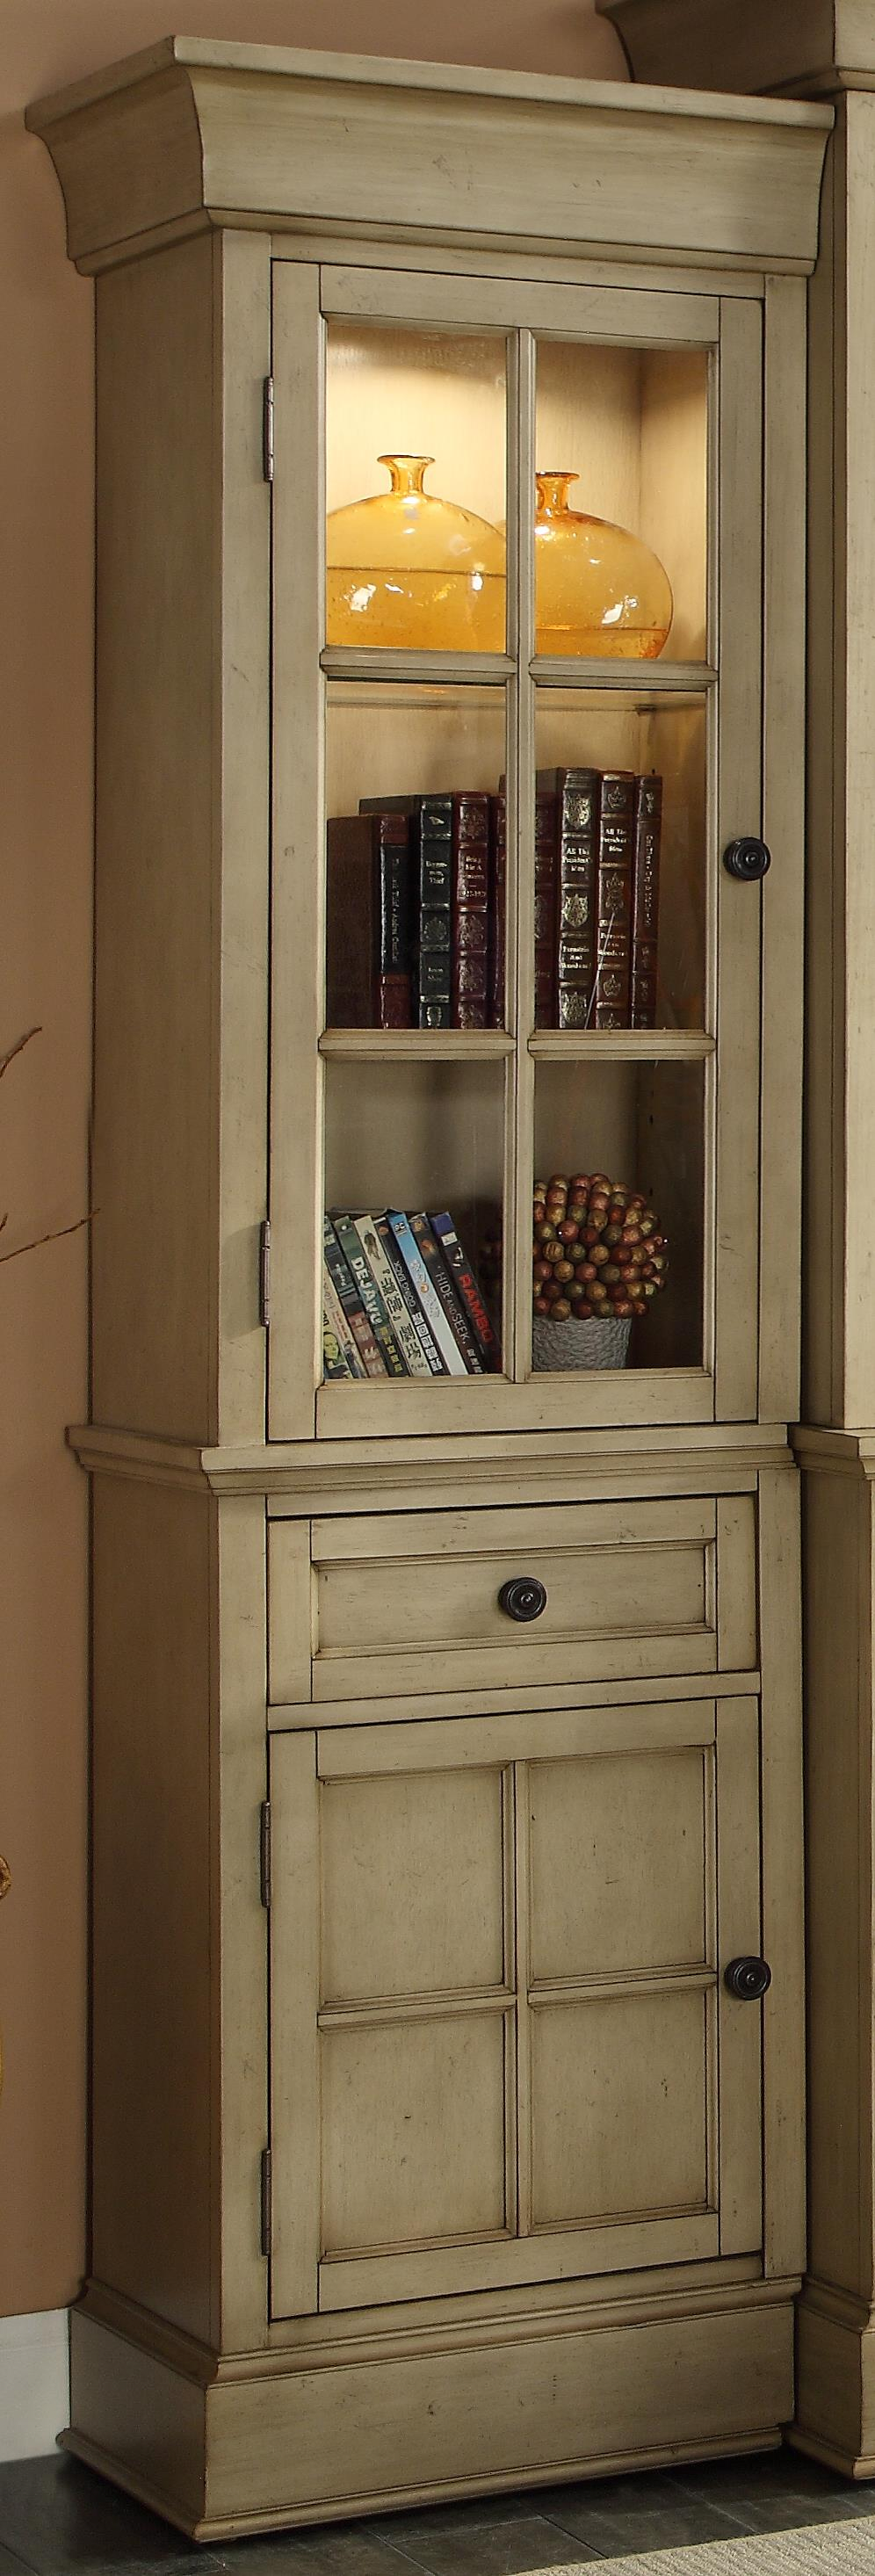 Legends Furniture Bristol Collection Left Bookcase Pier - Item Number: ZBRT-3001